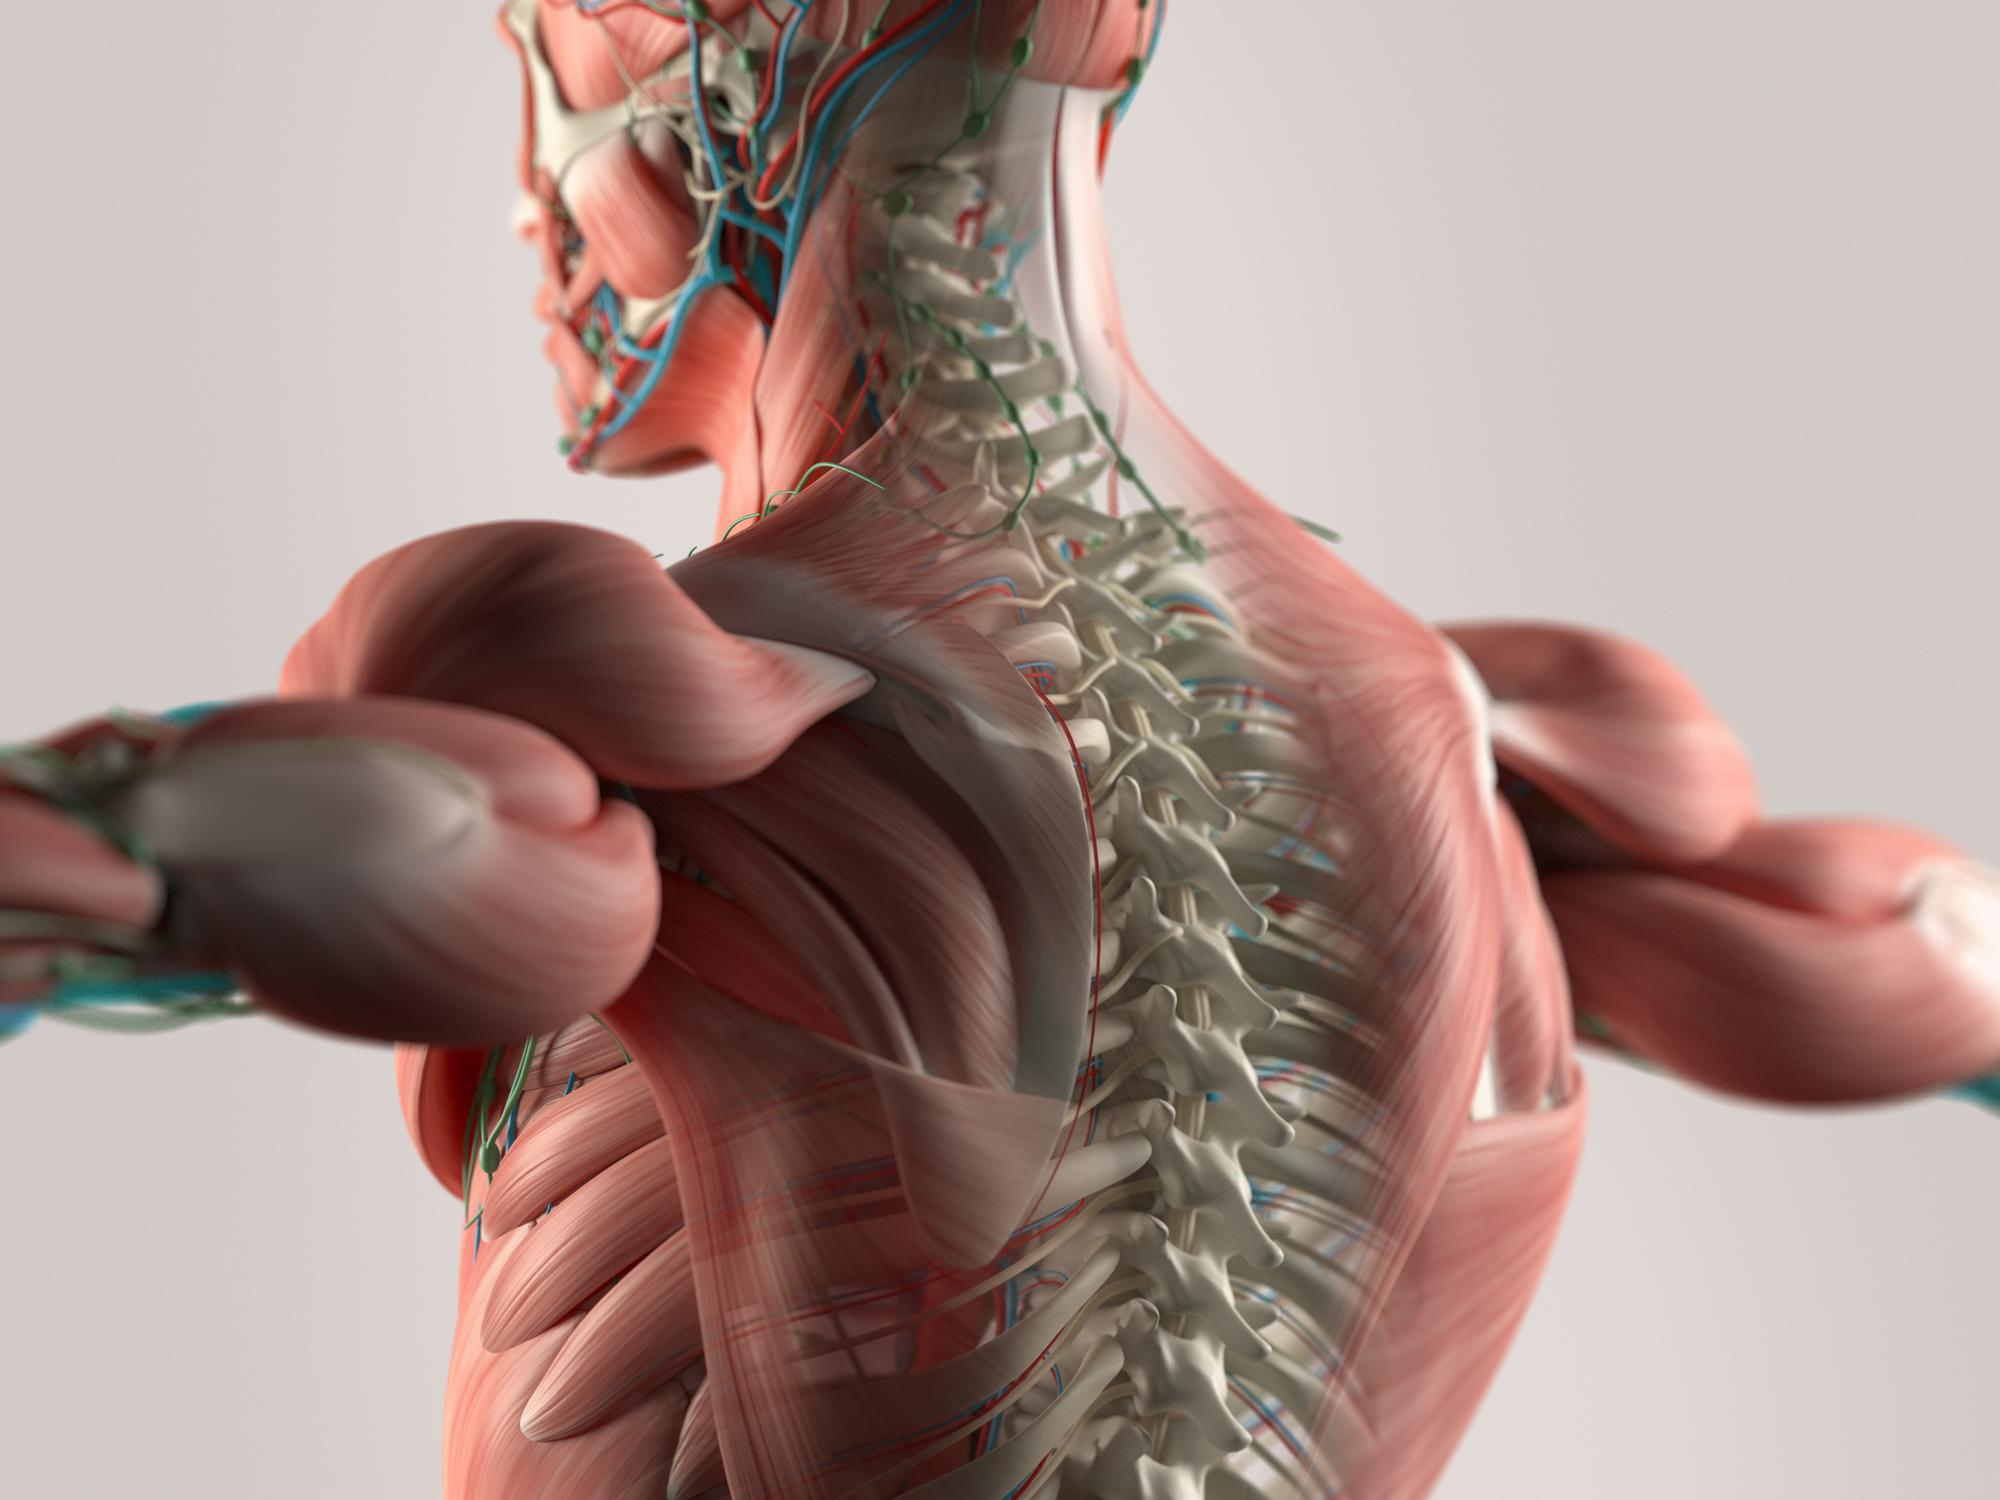 Школьники на Урале будут изучать анатомию с помощью компьютера с 3D-моделями органов